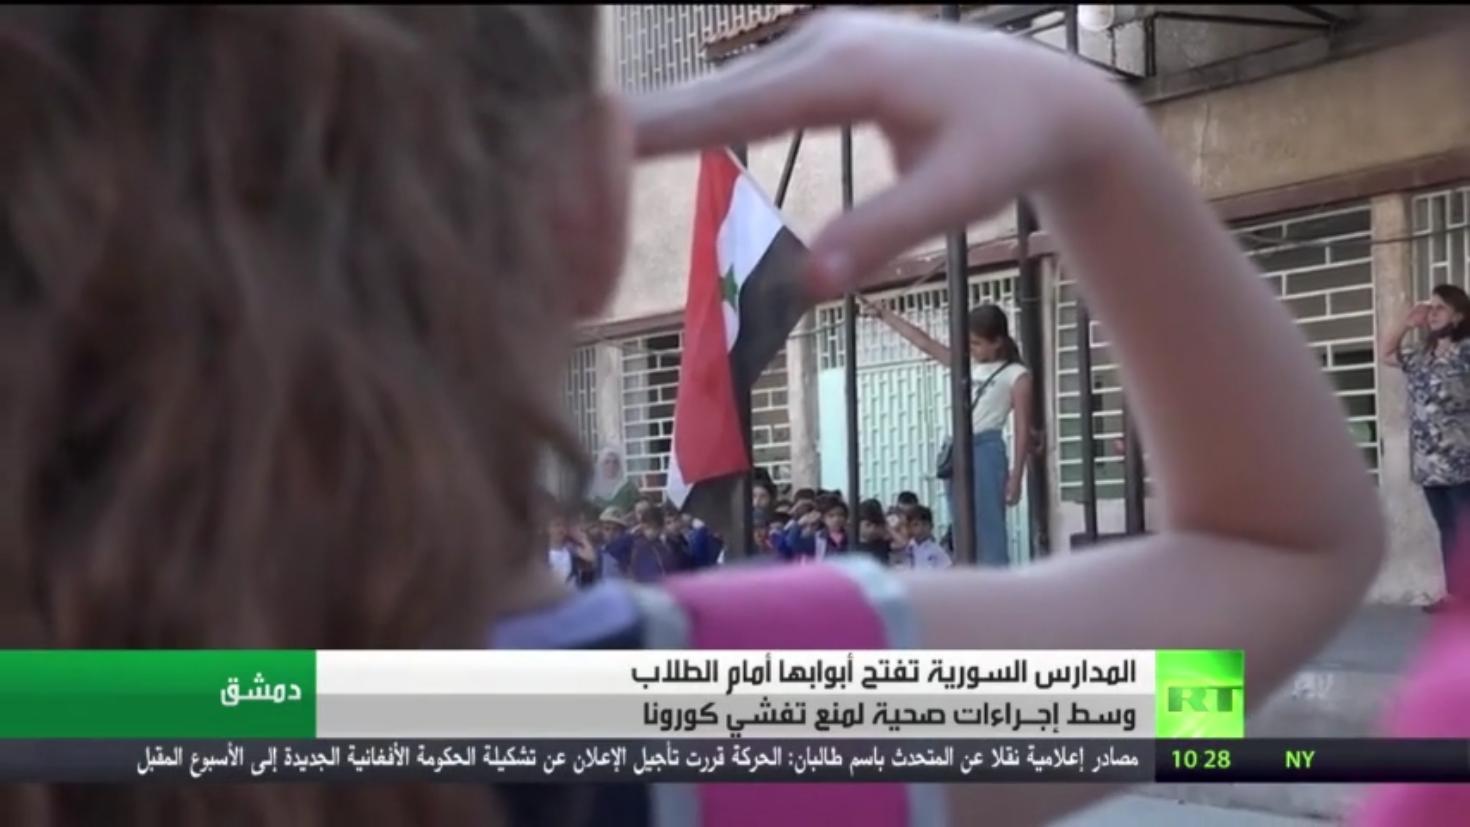 مدراس سوريا تفتح أبوابها وسط إجراءات صحية